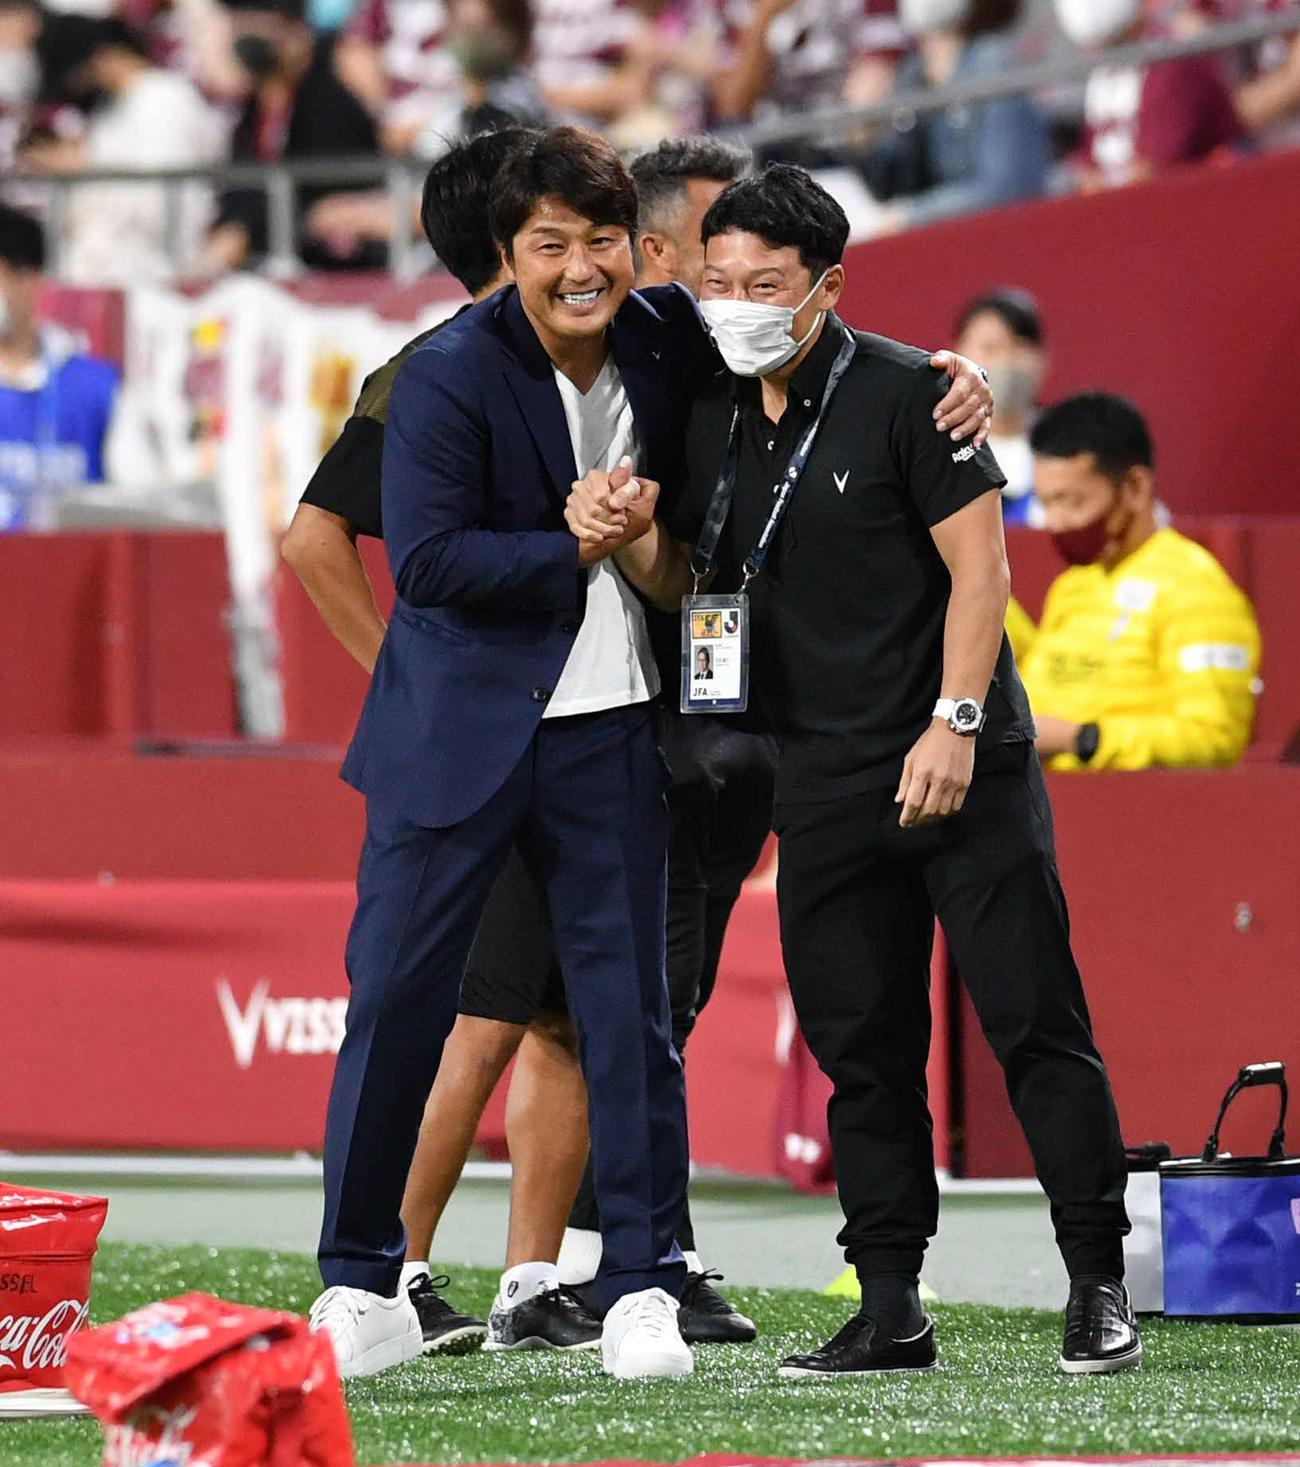 9月26日、札幌戦で監督就任初戦を勝利で飾り、笑顔を見せる神戸三浦監督(左)